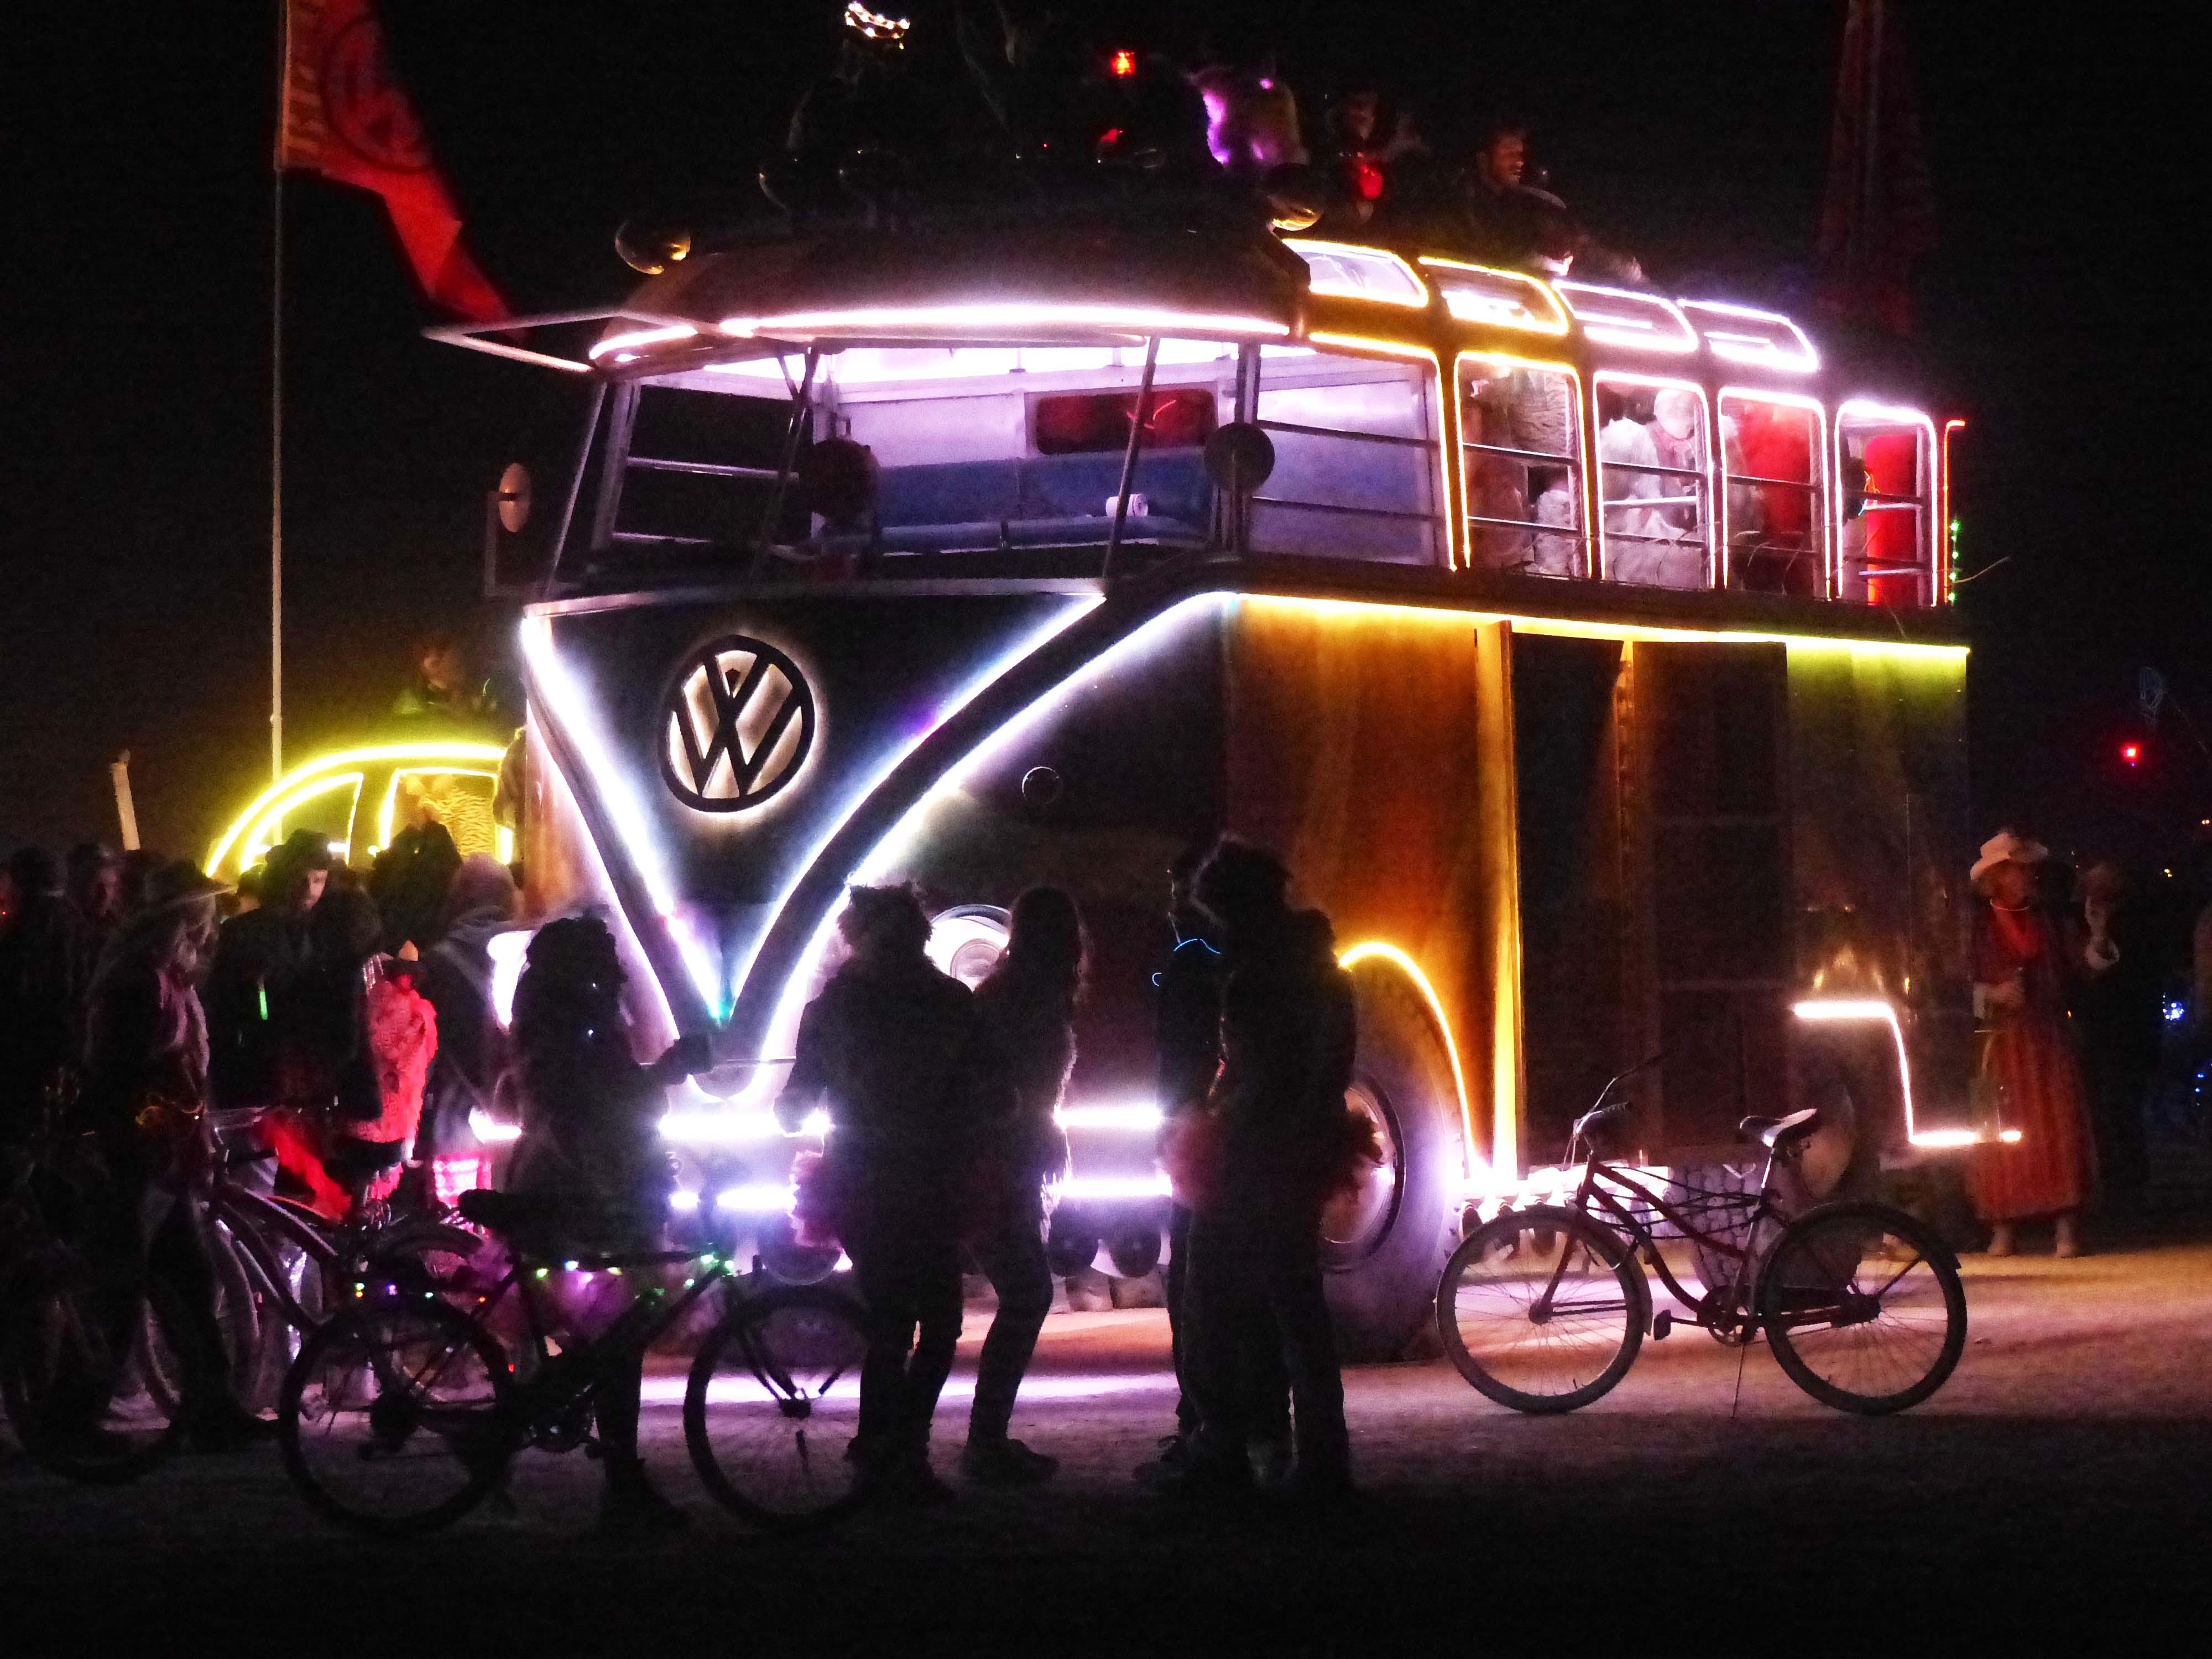 3 Walter the Bus at Burning Man 2015